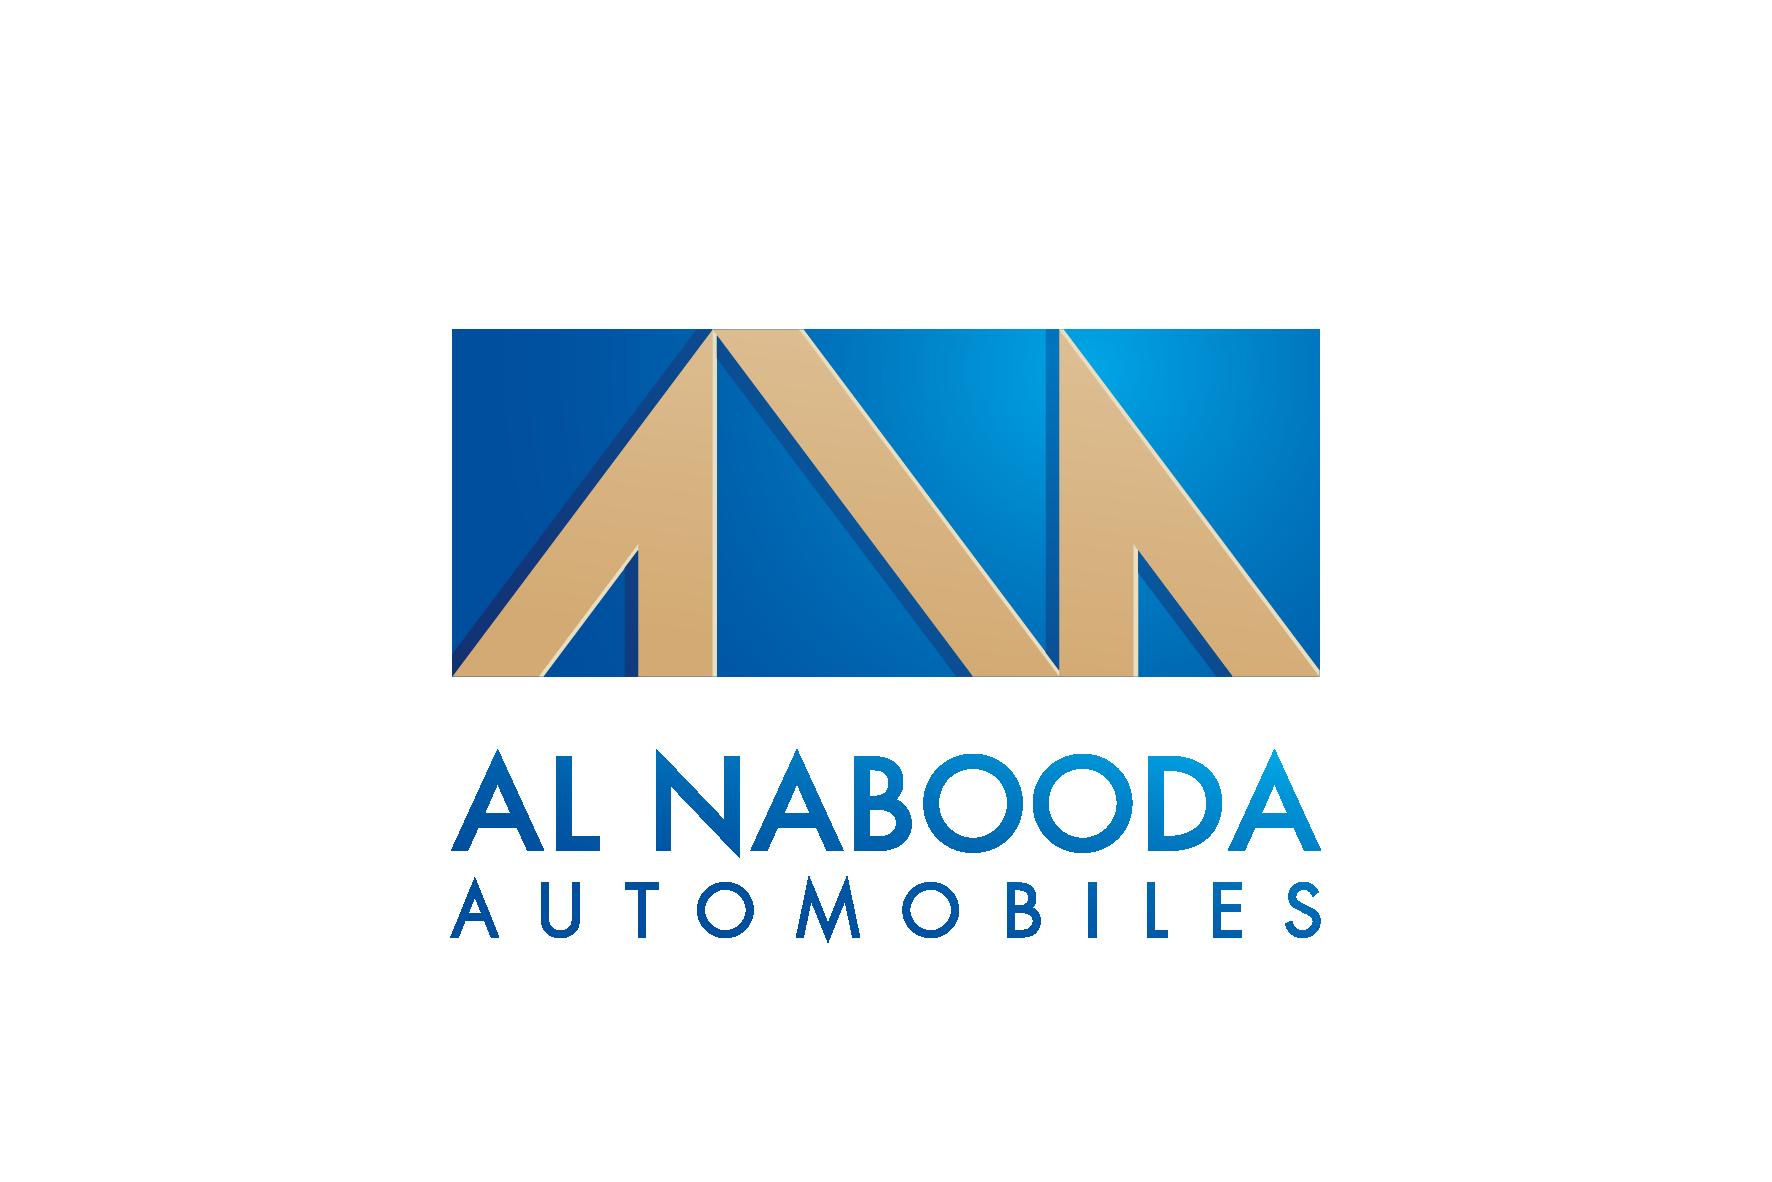 Al Nabooda_vv